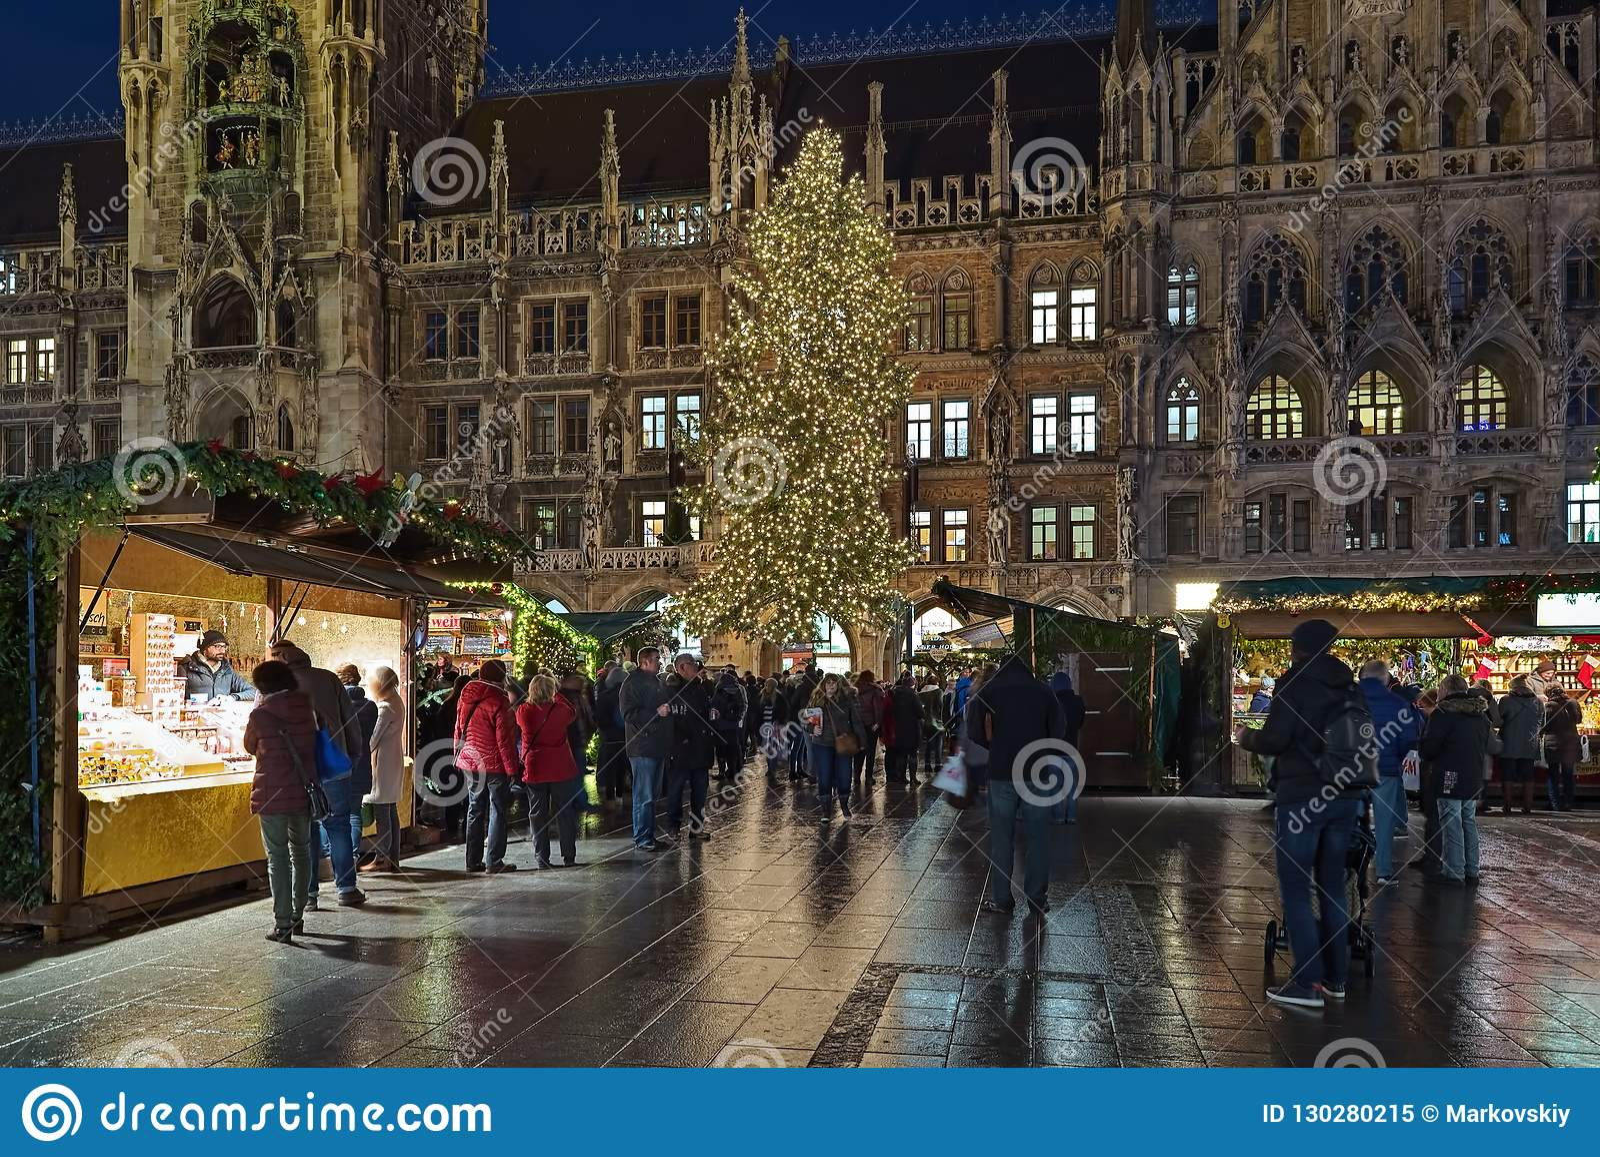 Christmas In Munich Germany.Christmas Market On Marienplatz In Munich In Dusk Germany